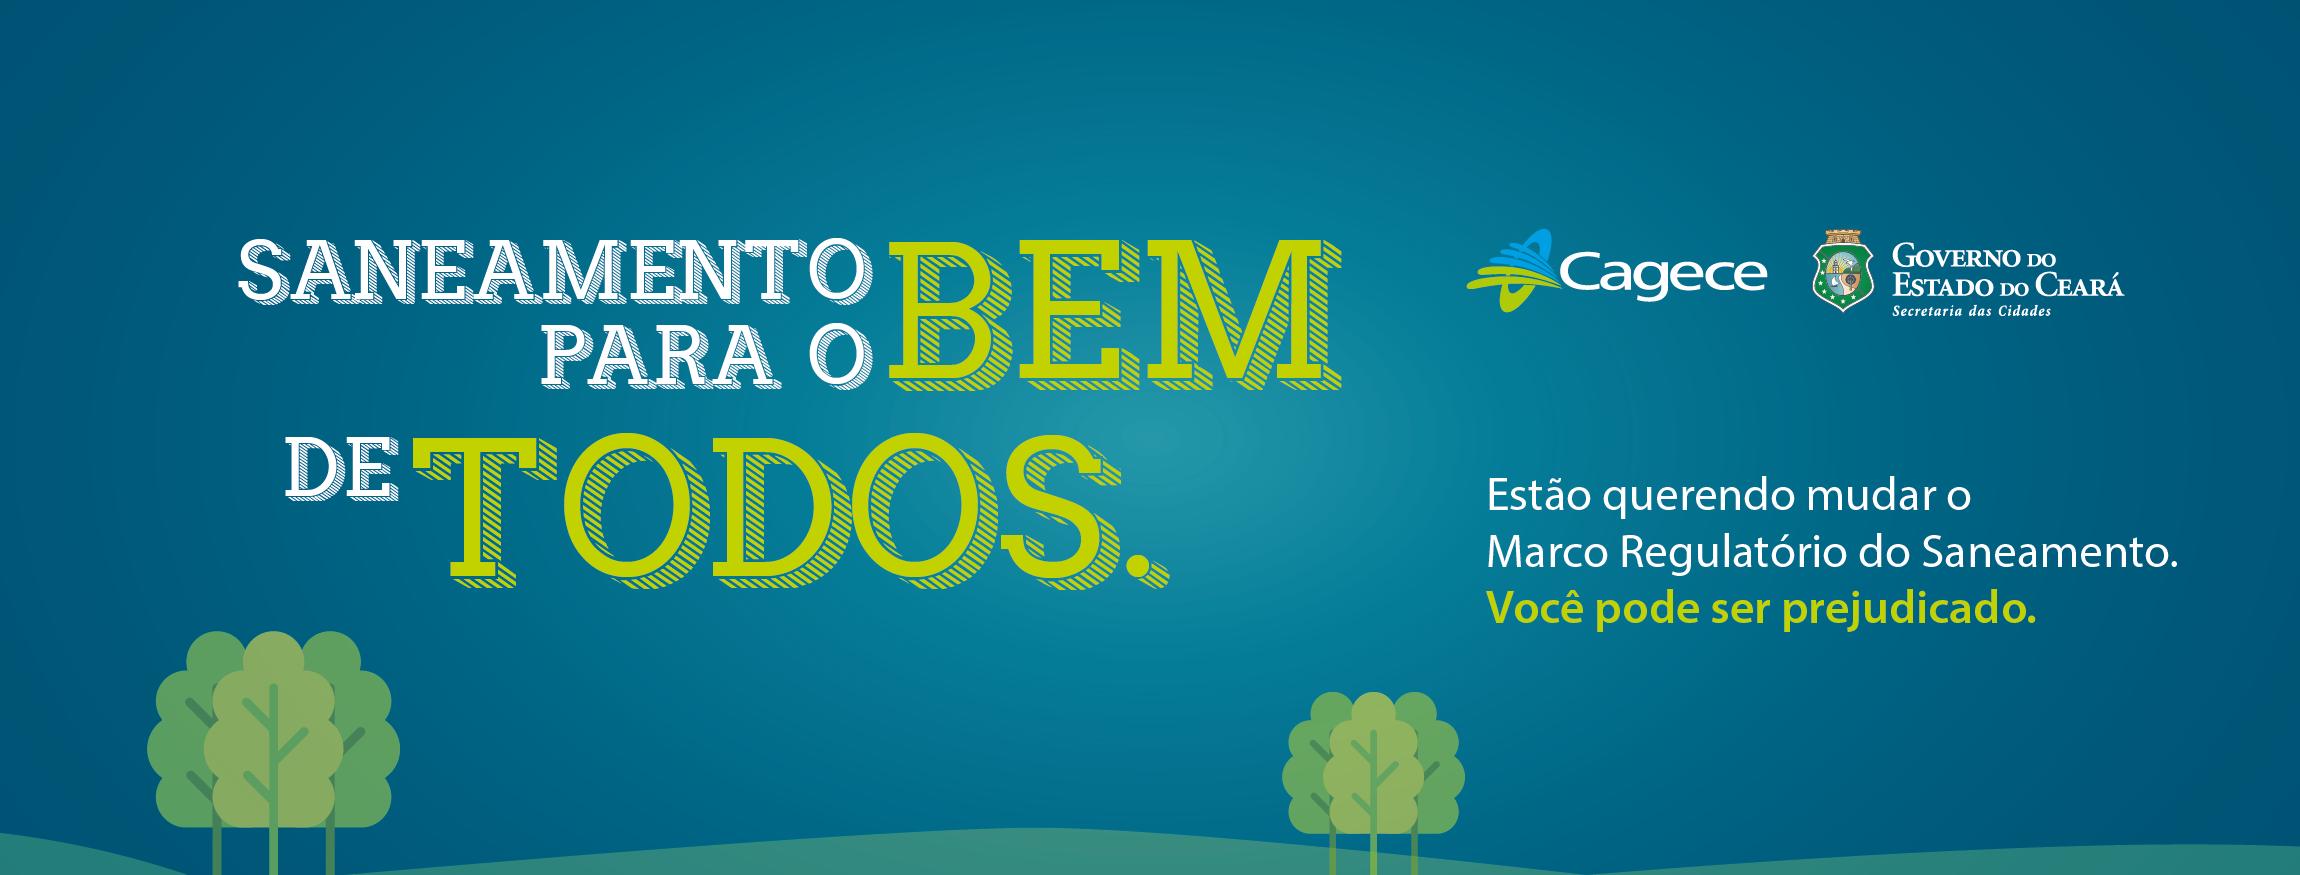 Carta aberta: Governo do Ceará manifesta preocupação com mudança na Lei do Saneamento